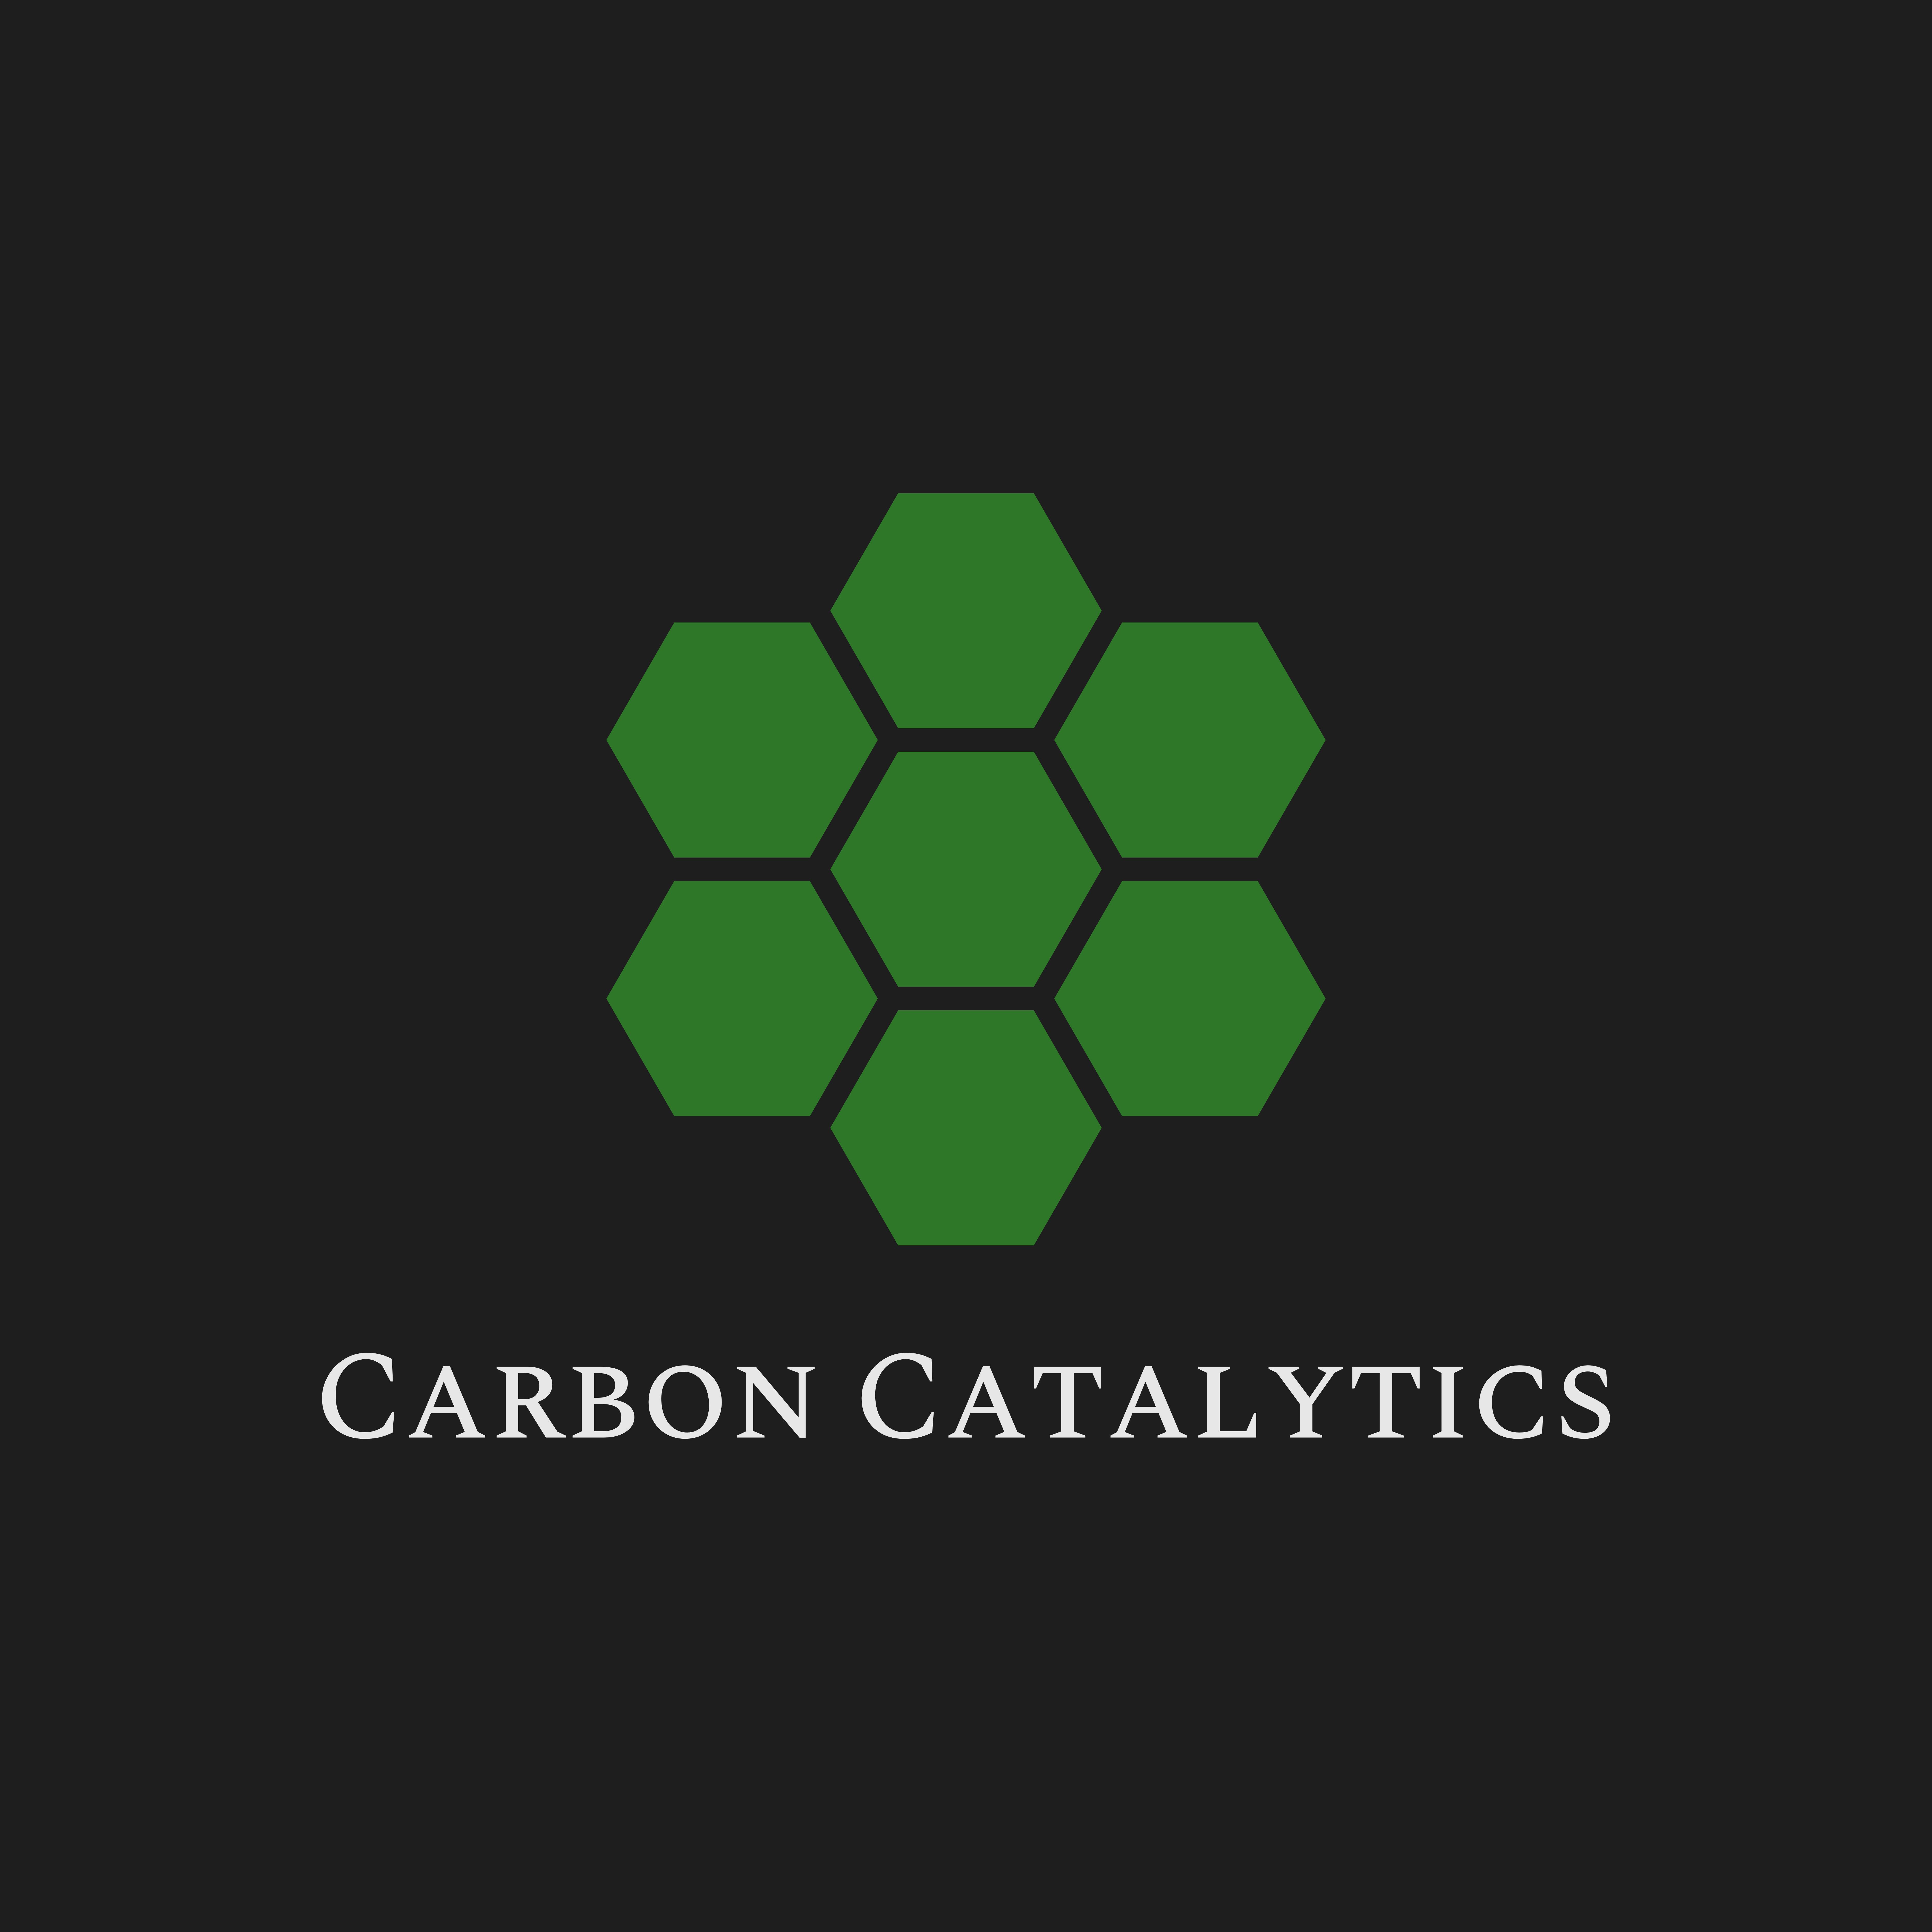 Carbon Catalytics